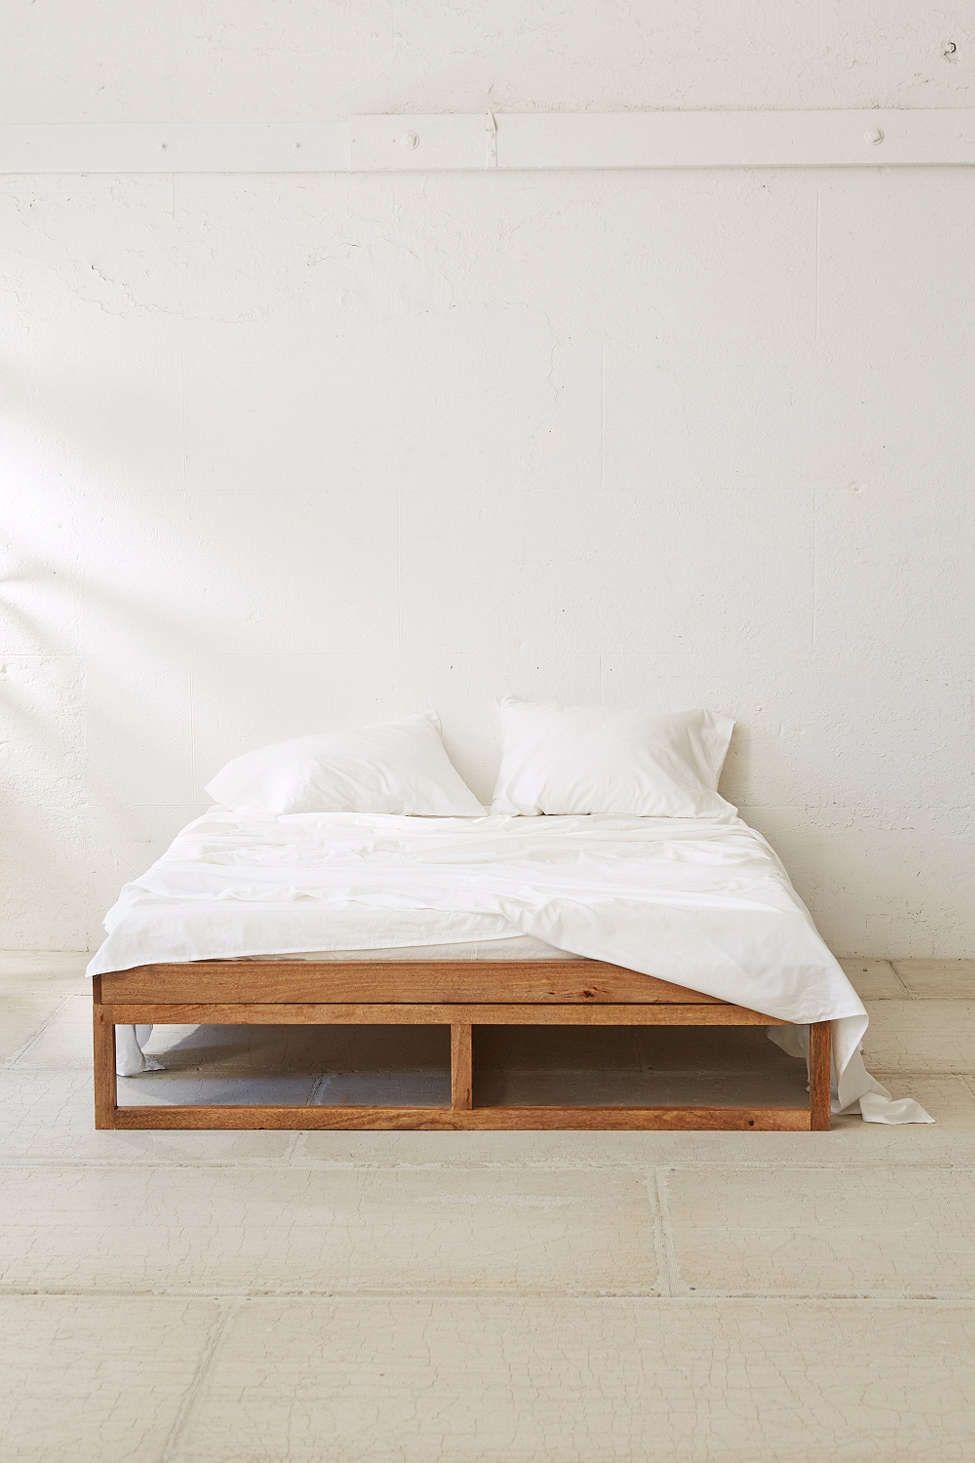 Best 25 Scandinavian Bunk Beds Ideas On Pinterest: The 25+ Best Minimalist Bed Ideas On Pinterest